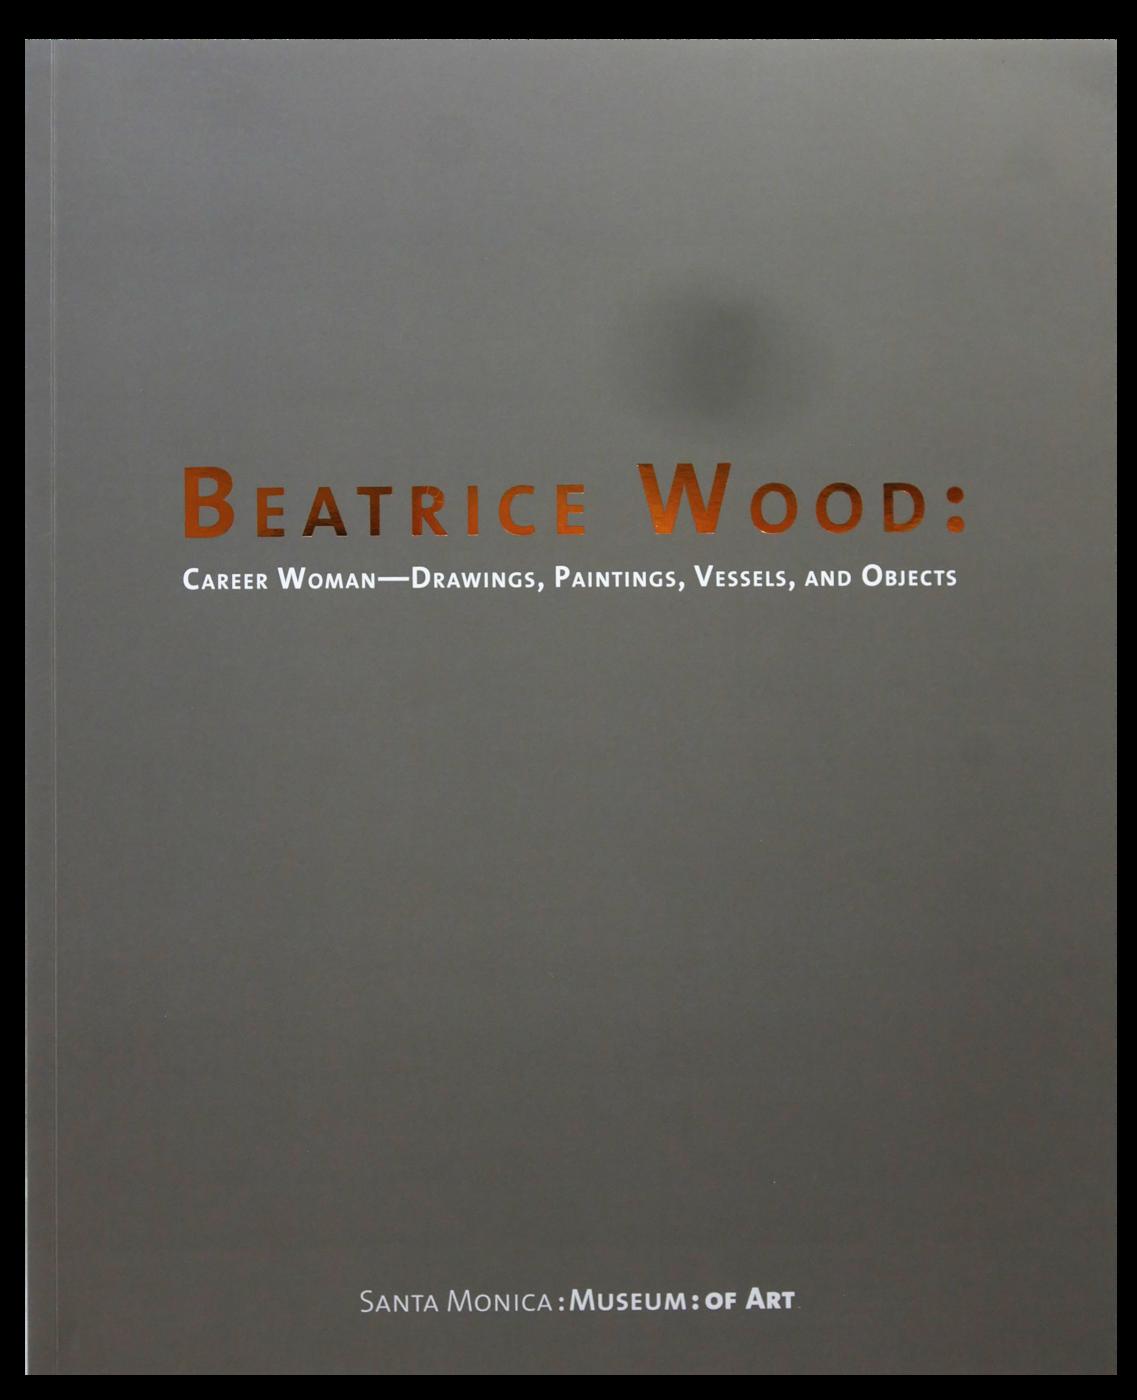 Beatricewood